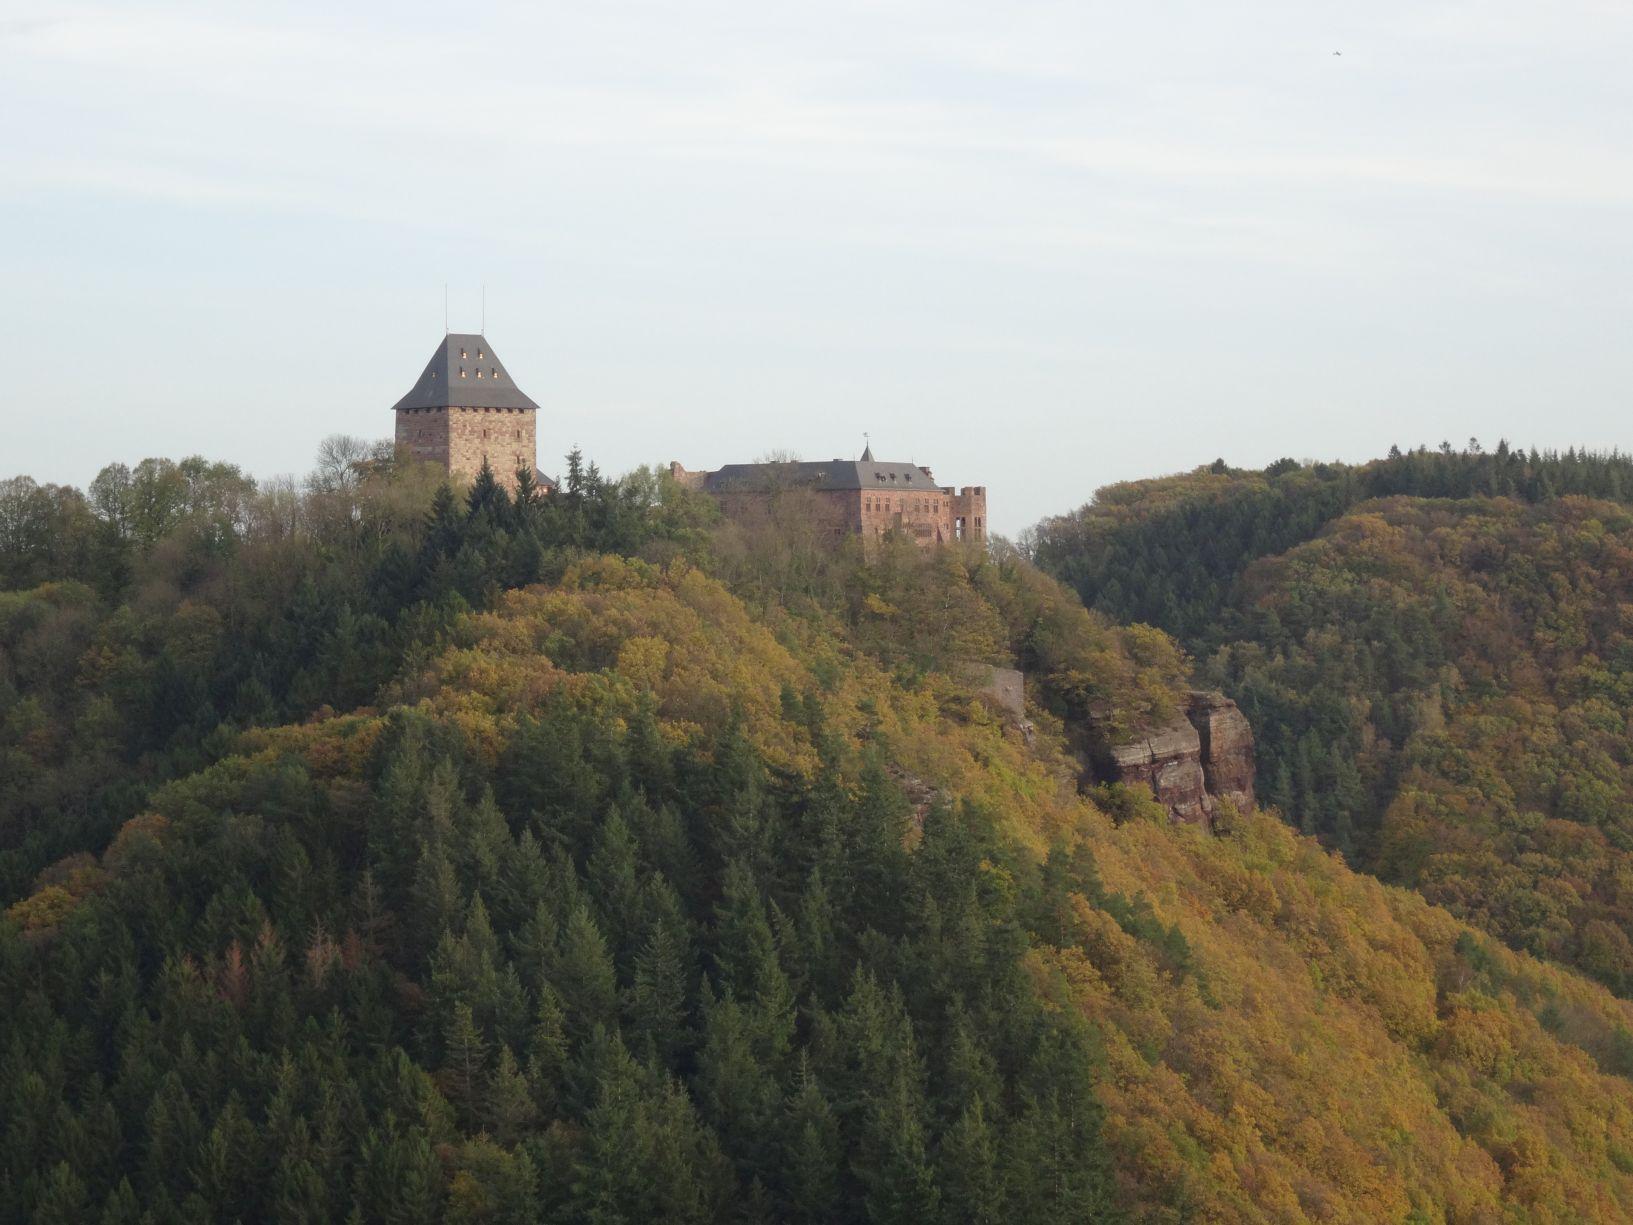 Wanderung zur Burg Nideggen – Rund um Obermaubach Staubecken